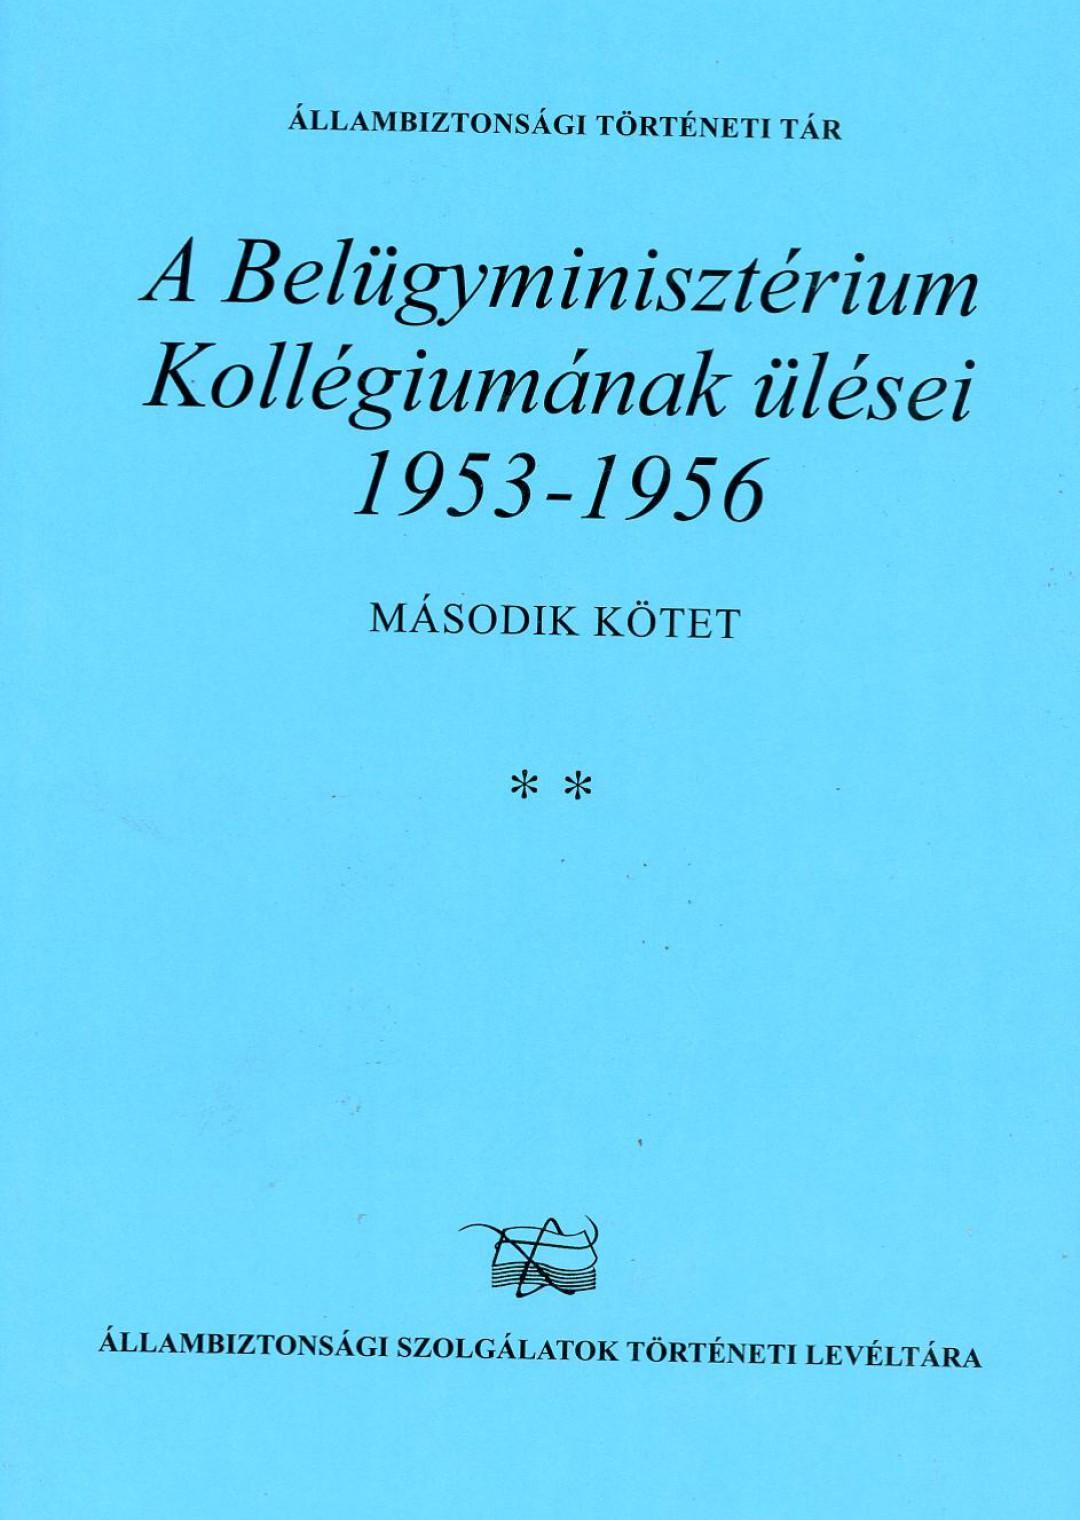 A Belügyminisztérium Kollégiumának ülései 1953-1956- II. kötet **